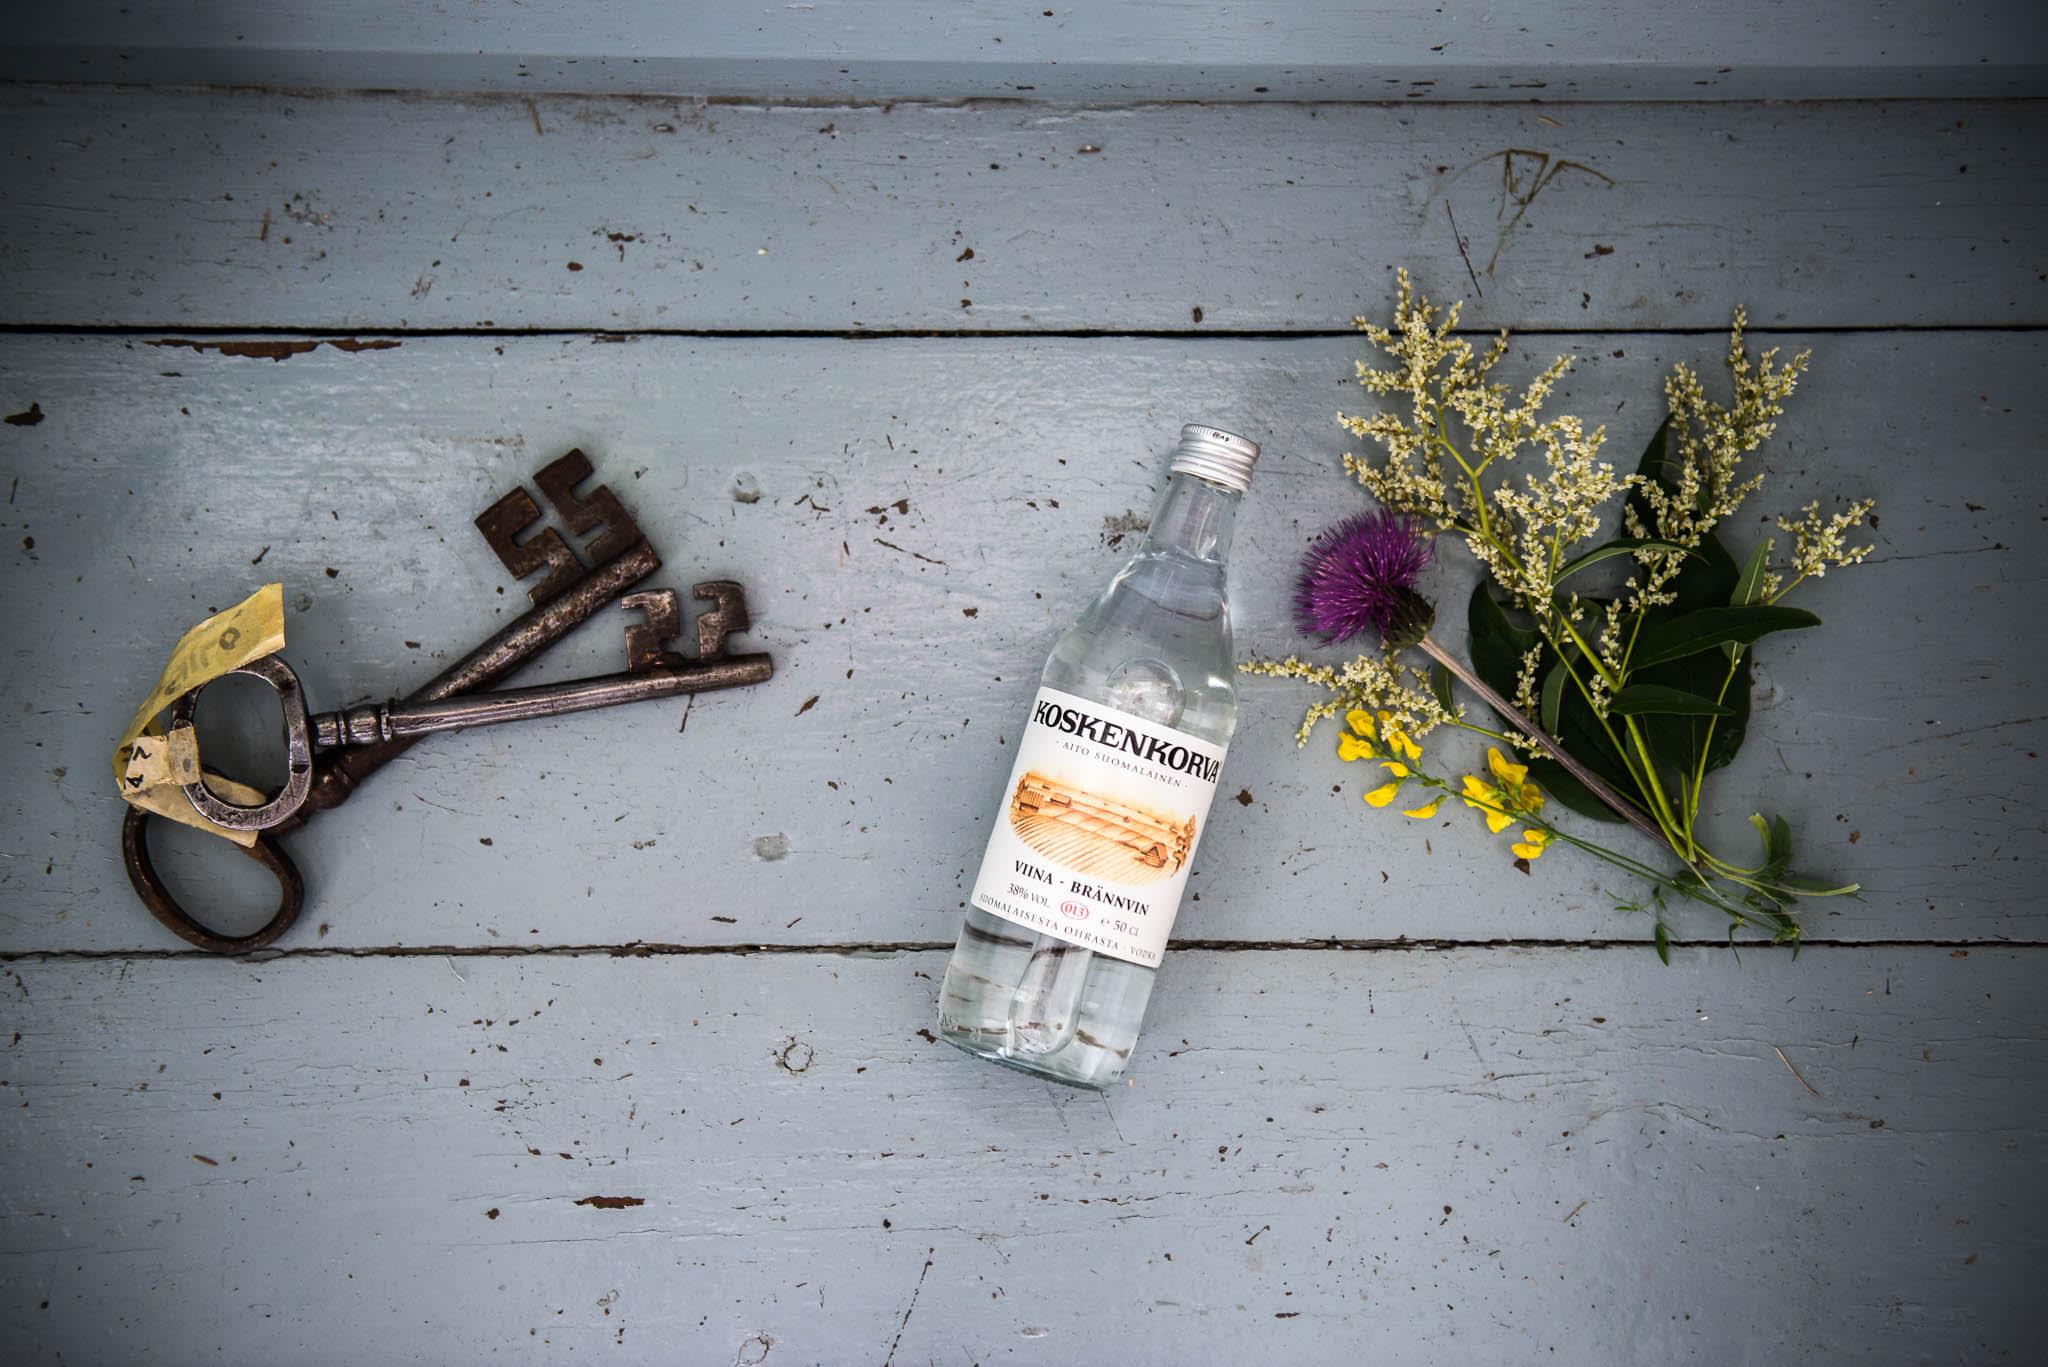 Koskenkorva bottle, old keys and punch of flowers